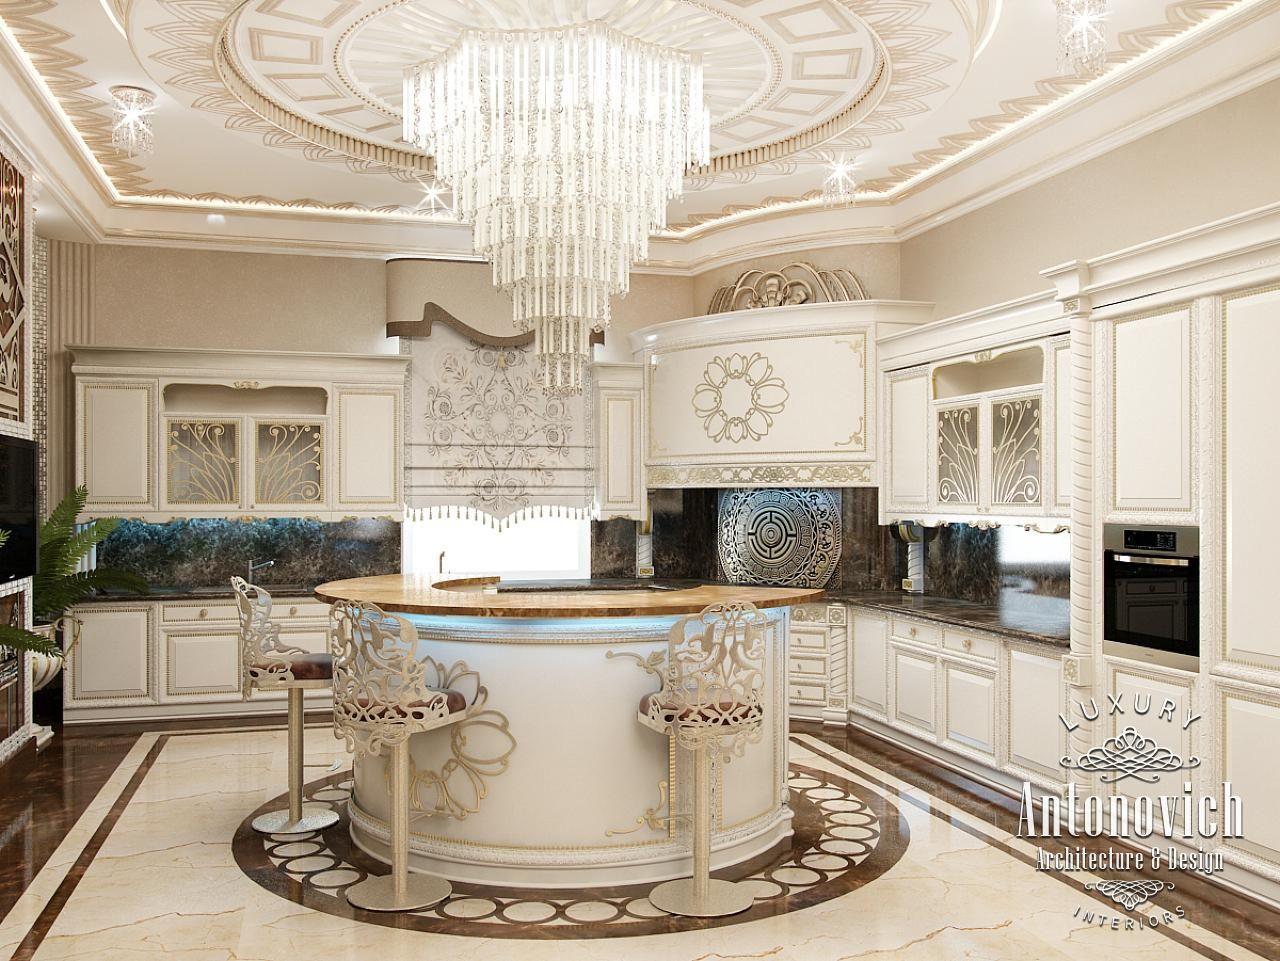 Best Interior Designers Dubai